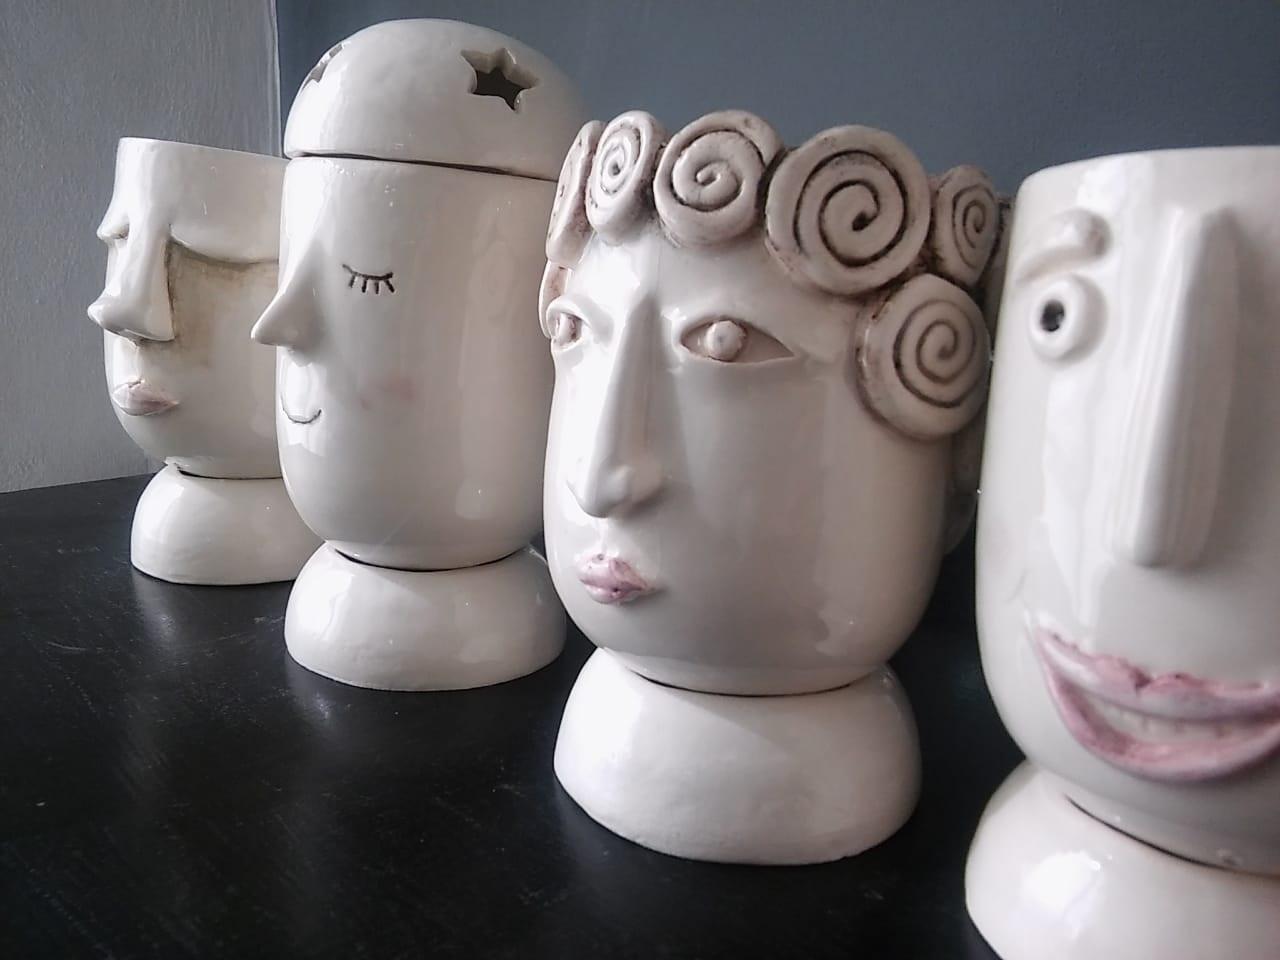 En la imagen se observa una parte de los trabajos que se expondrán en la muestra.